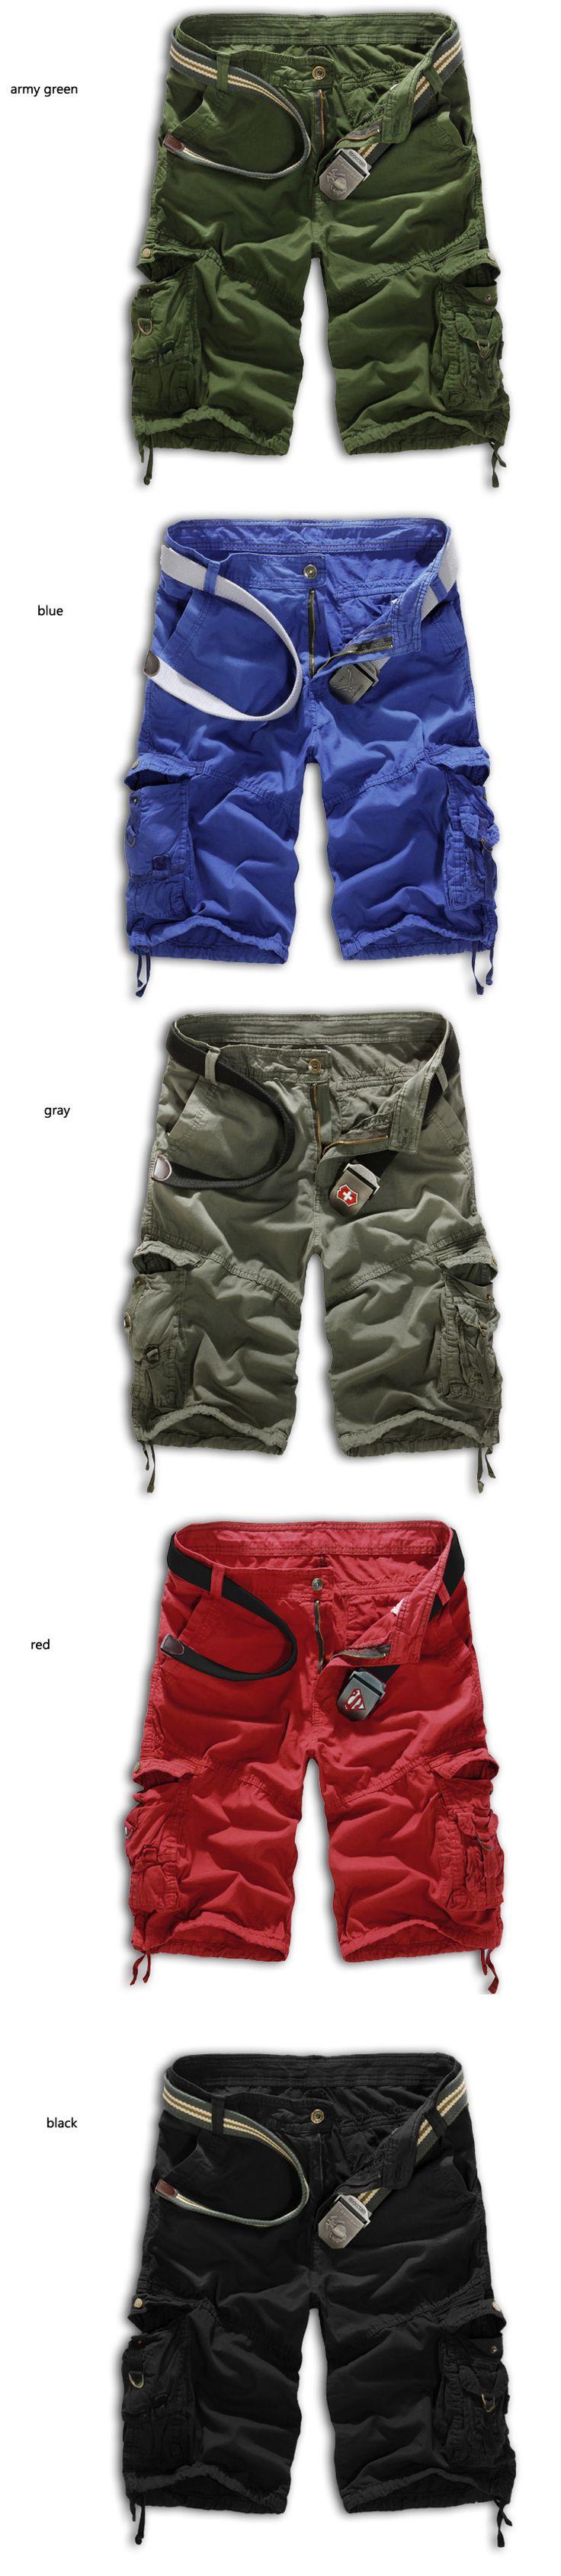 shorts masculino 2014 militar camuflagem de carga shorts homens exterior solta algodão shorts de corrida dos homens do exército bermuda calças curtas - Como Importar roupas e acessórios